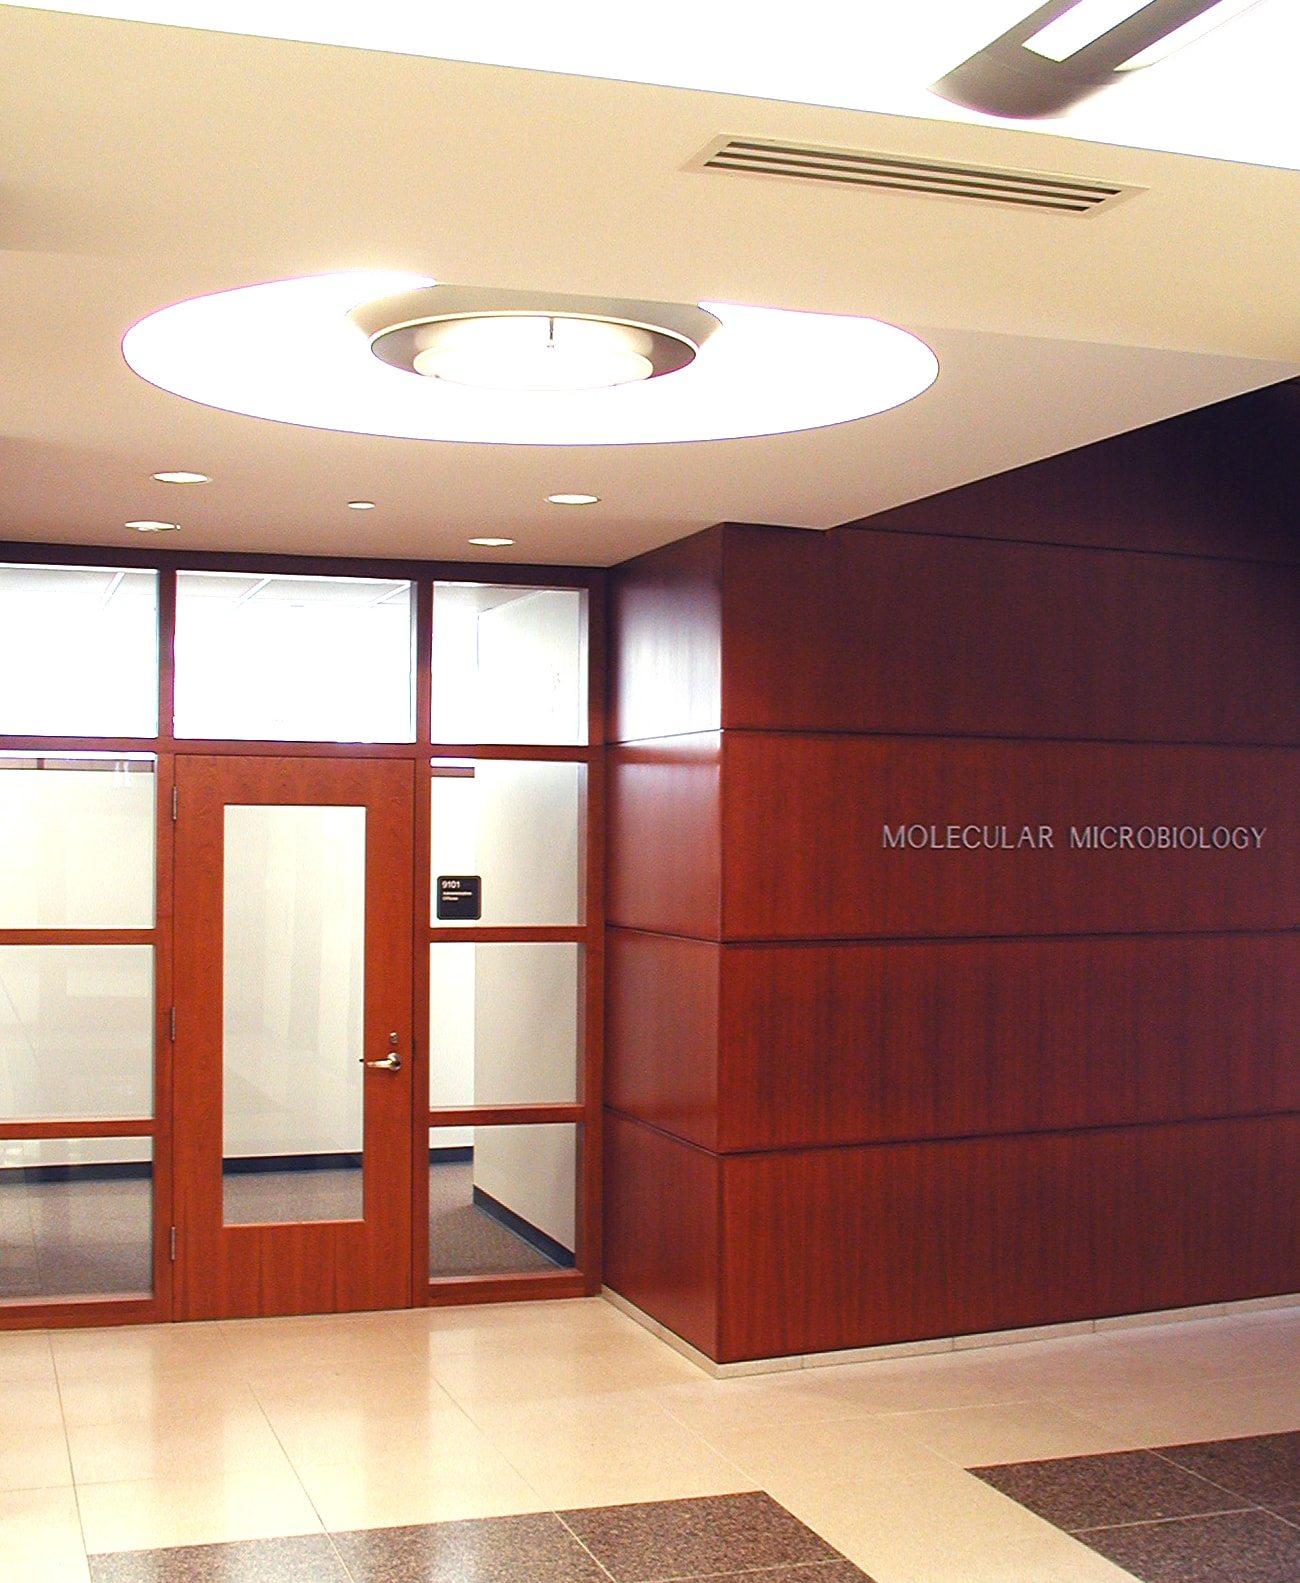 Washington University - Dr. Beverley's Lab